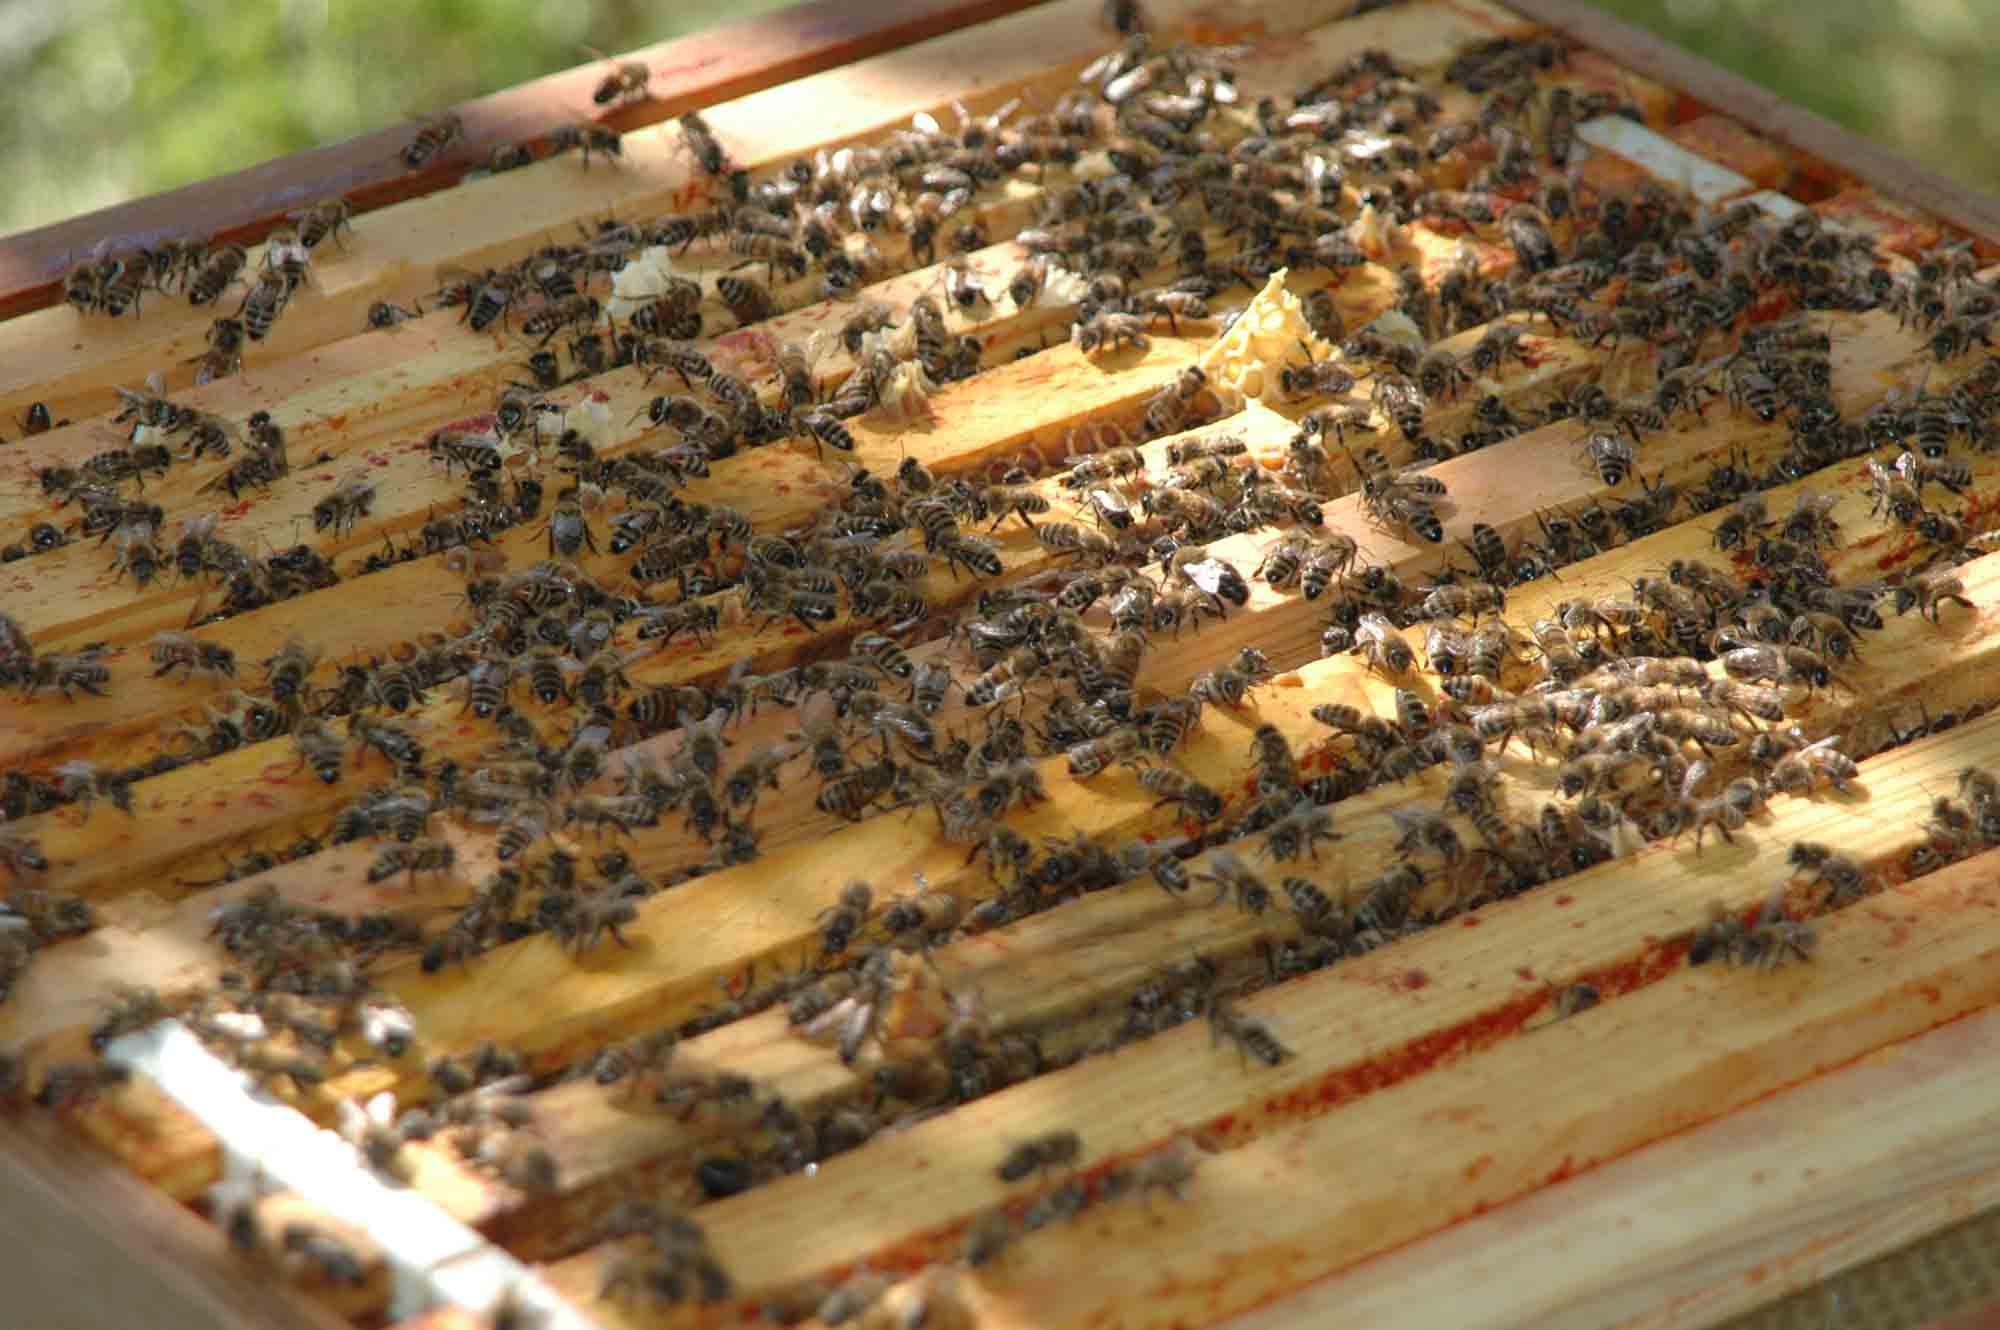 Honeybees on the frames